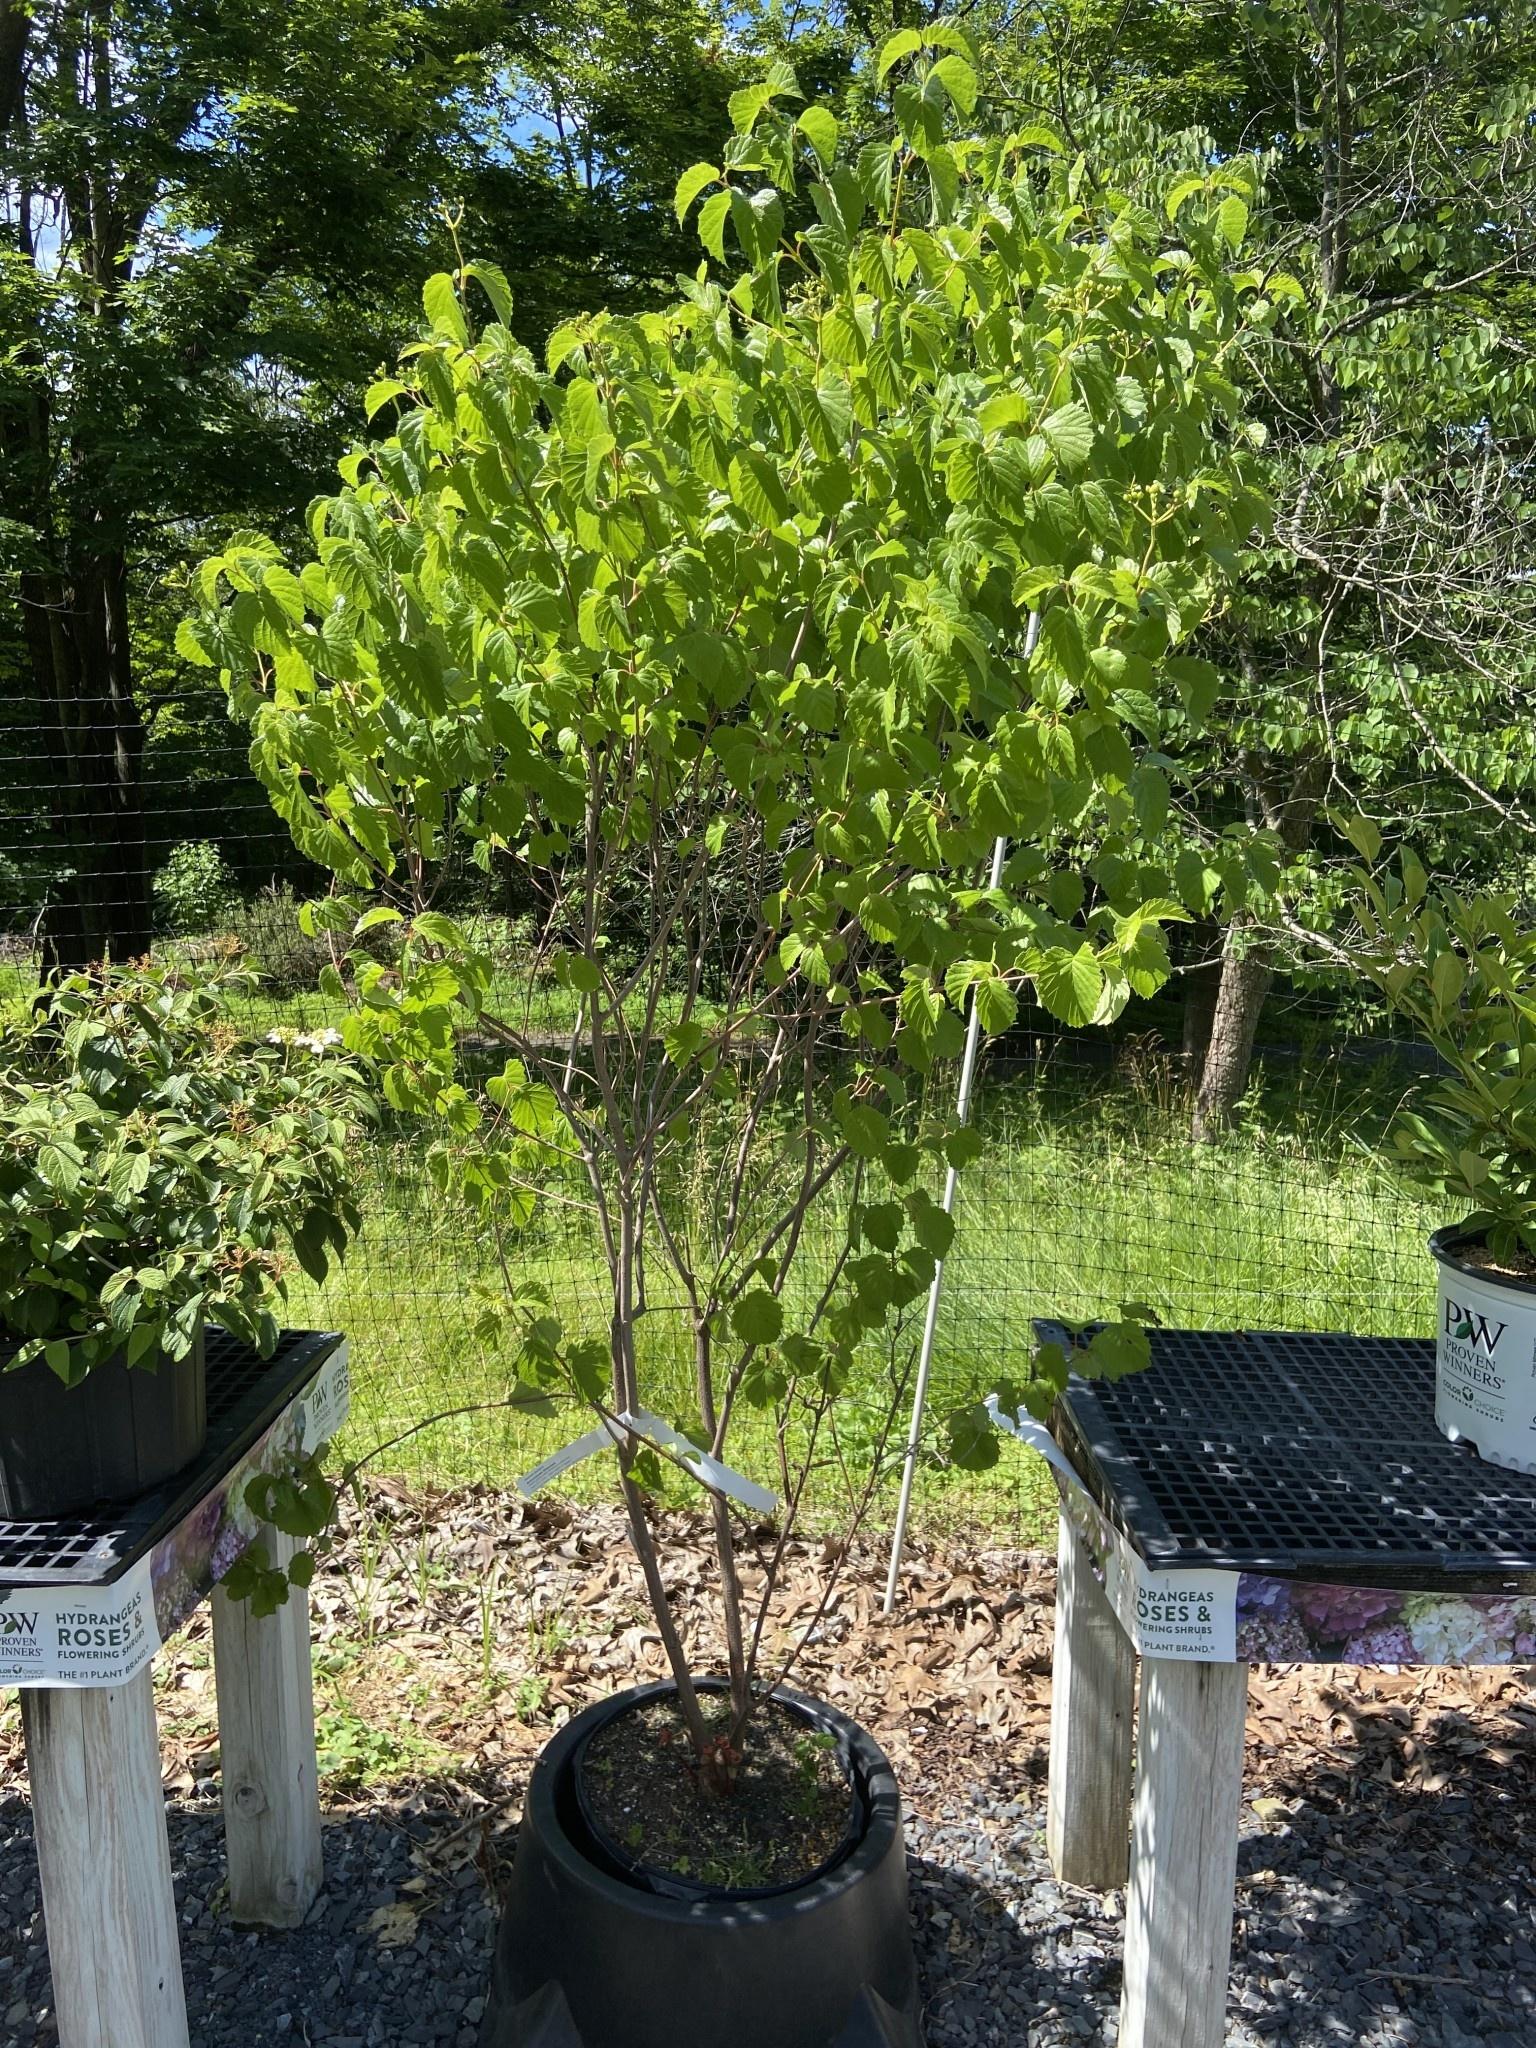 Native Shrub Viburnum dentatum Viburnum - Arrowwood, #7